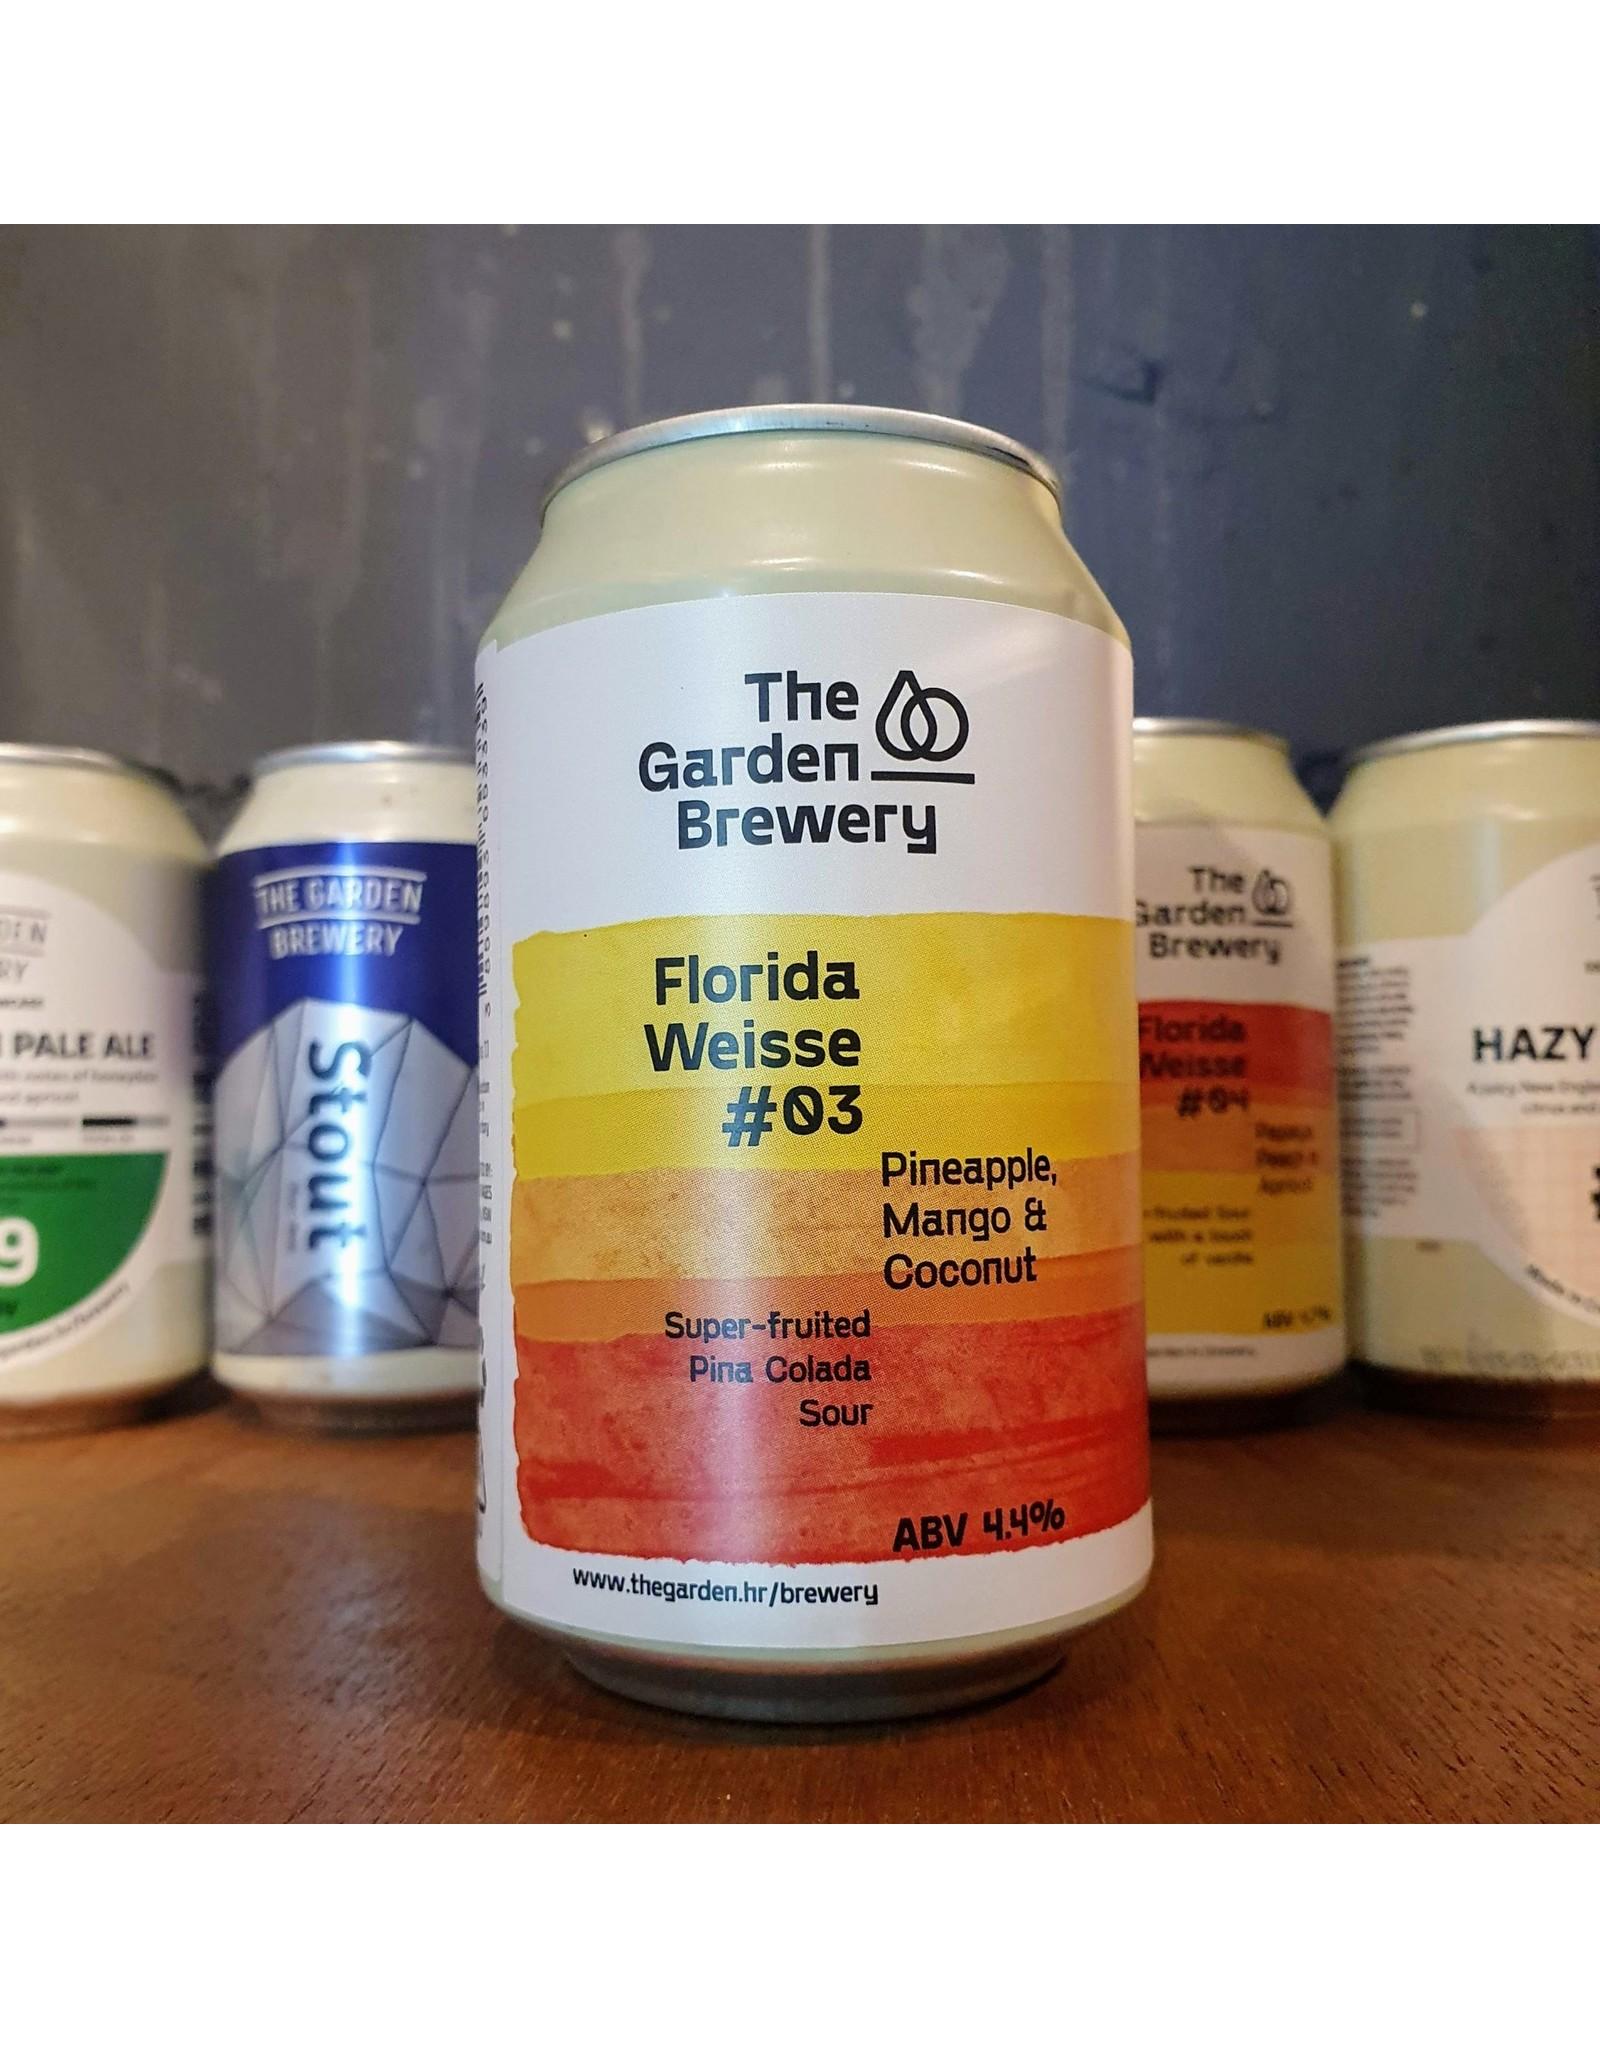 The Garden Brewery The Garden Brewery - Florida weisse 3